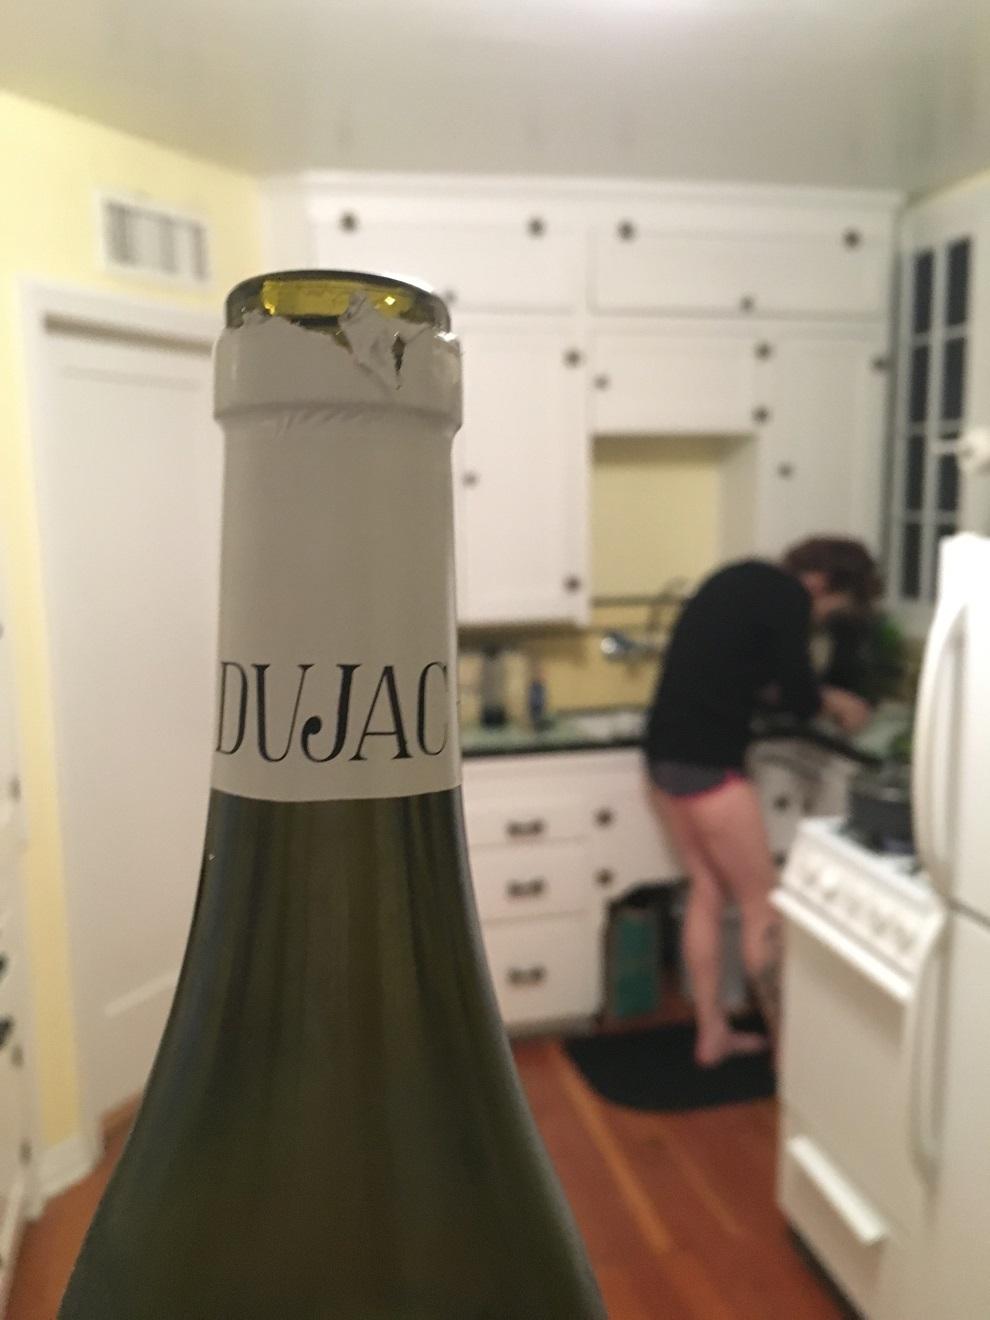 A wine bottle.